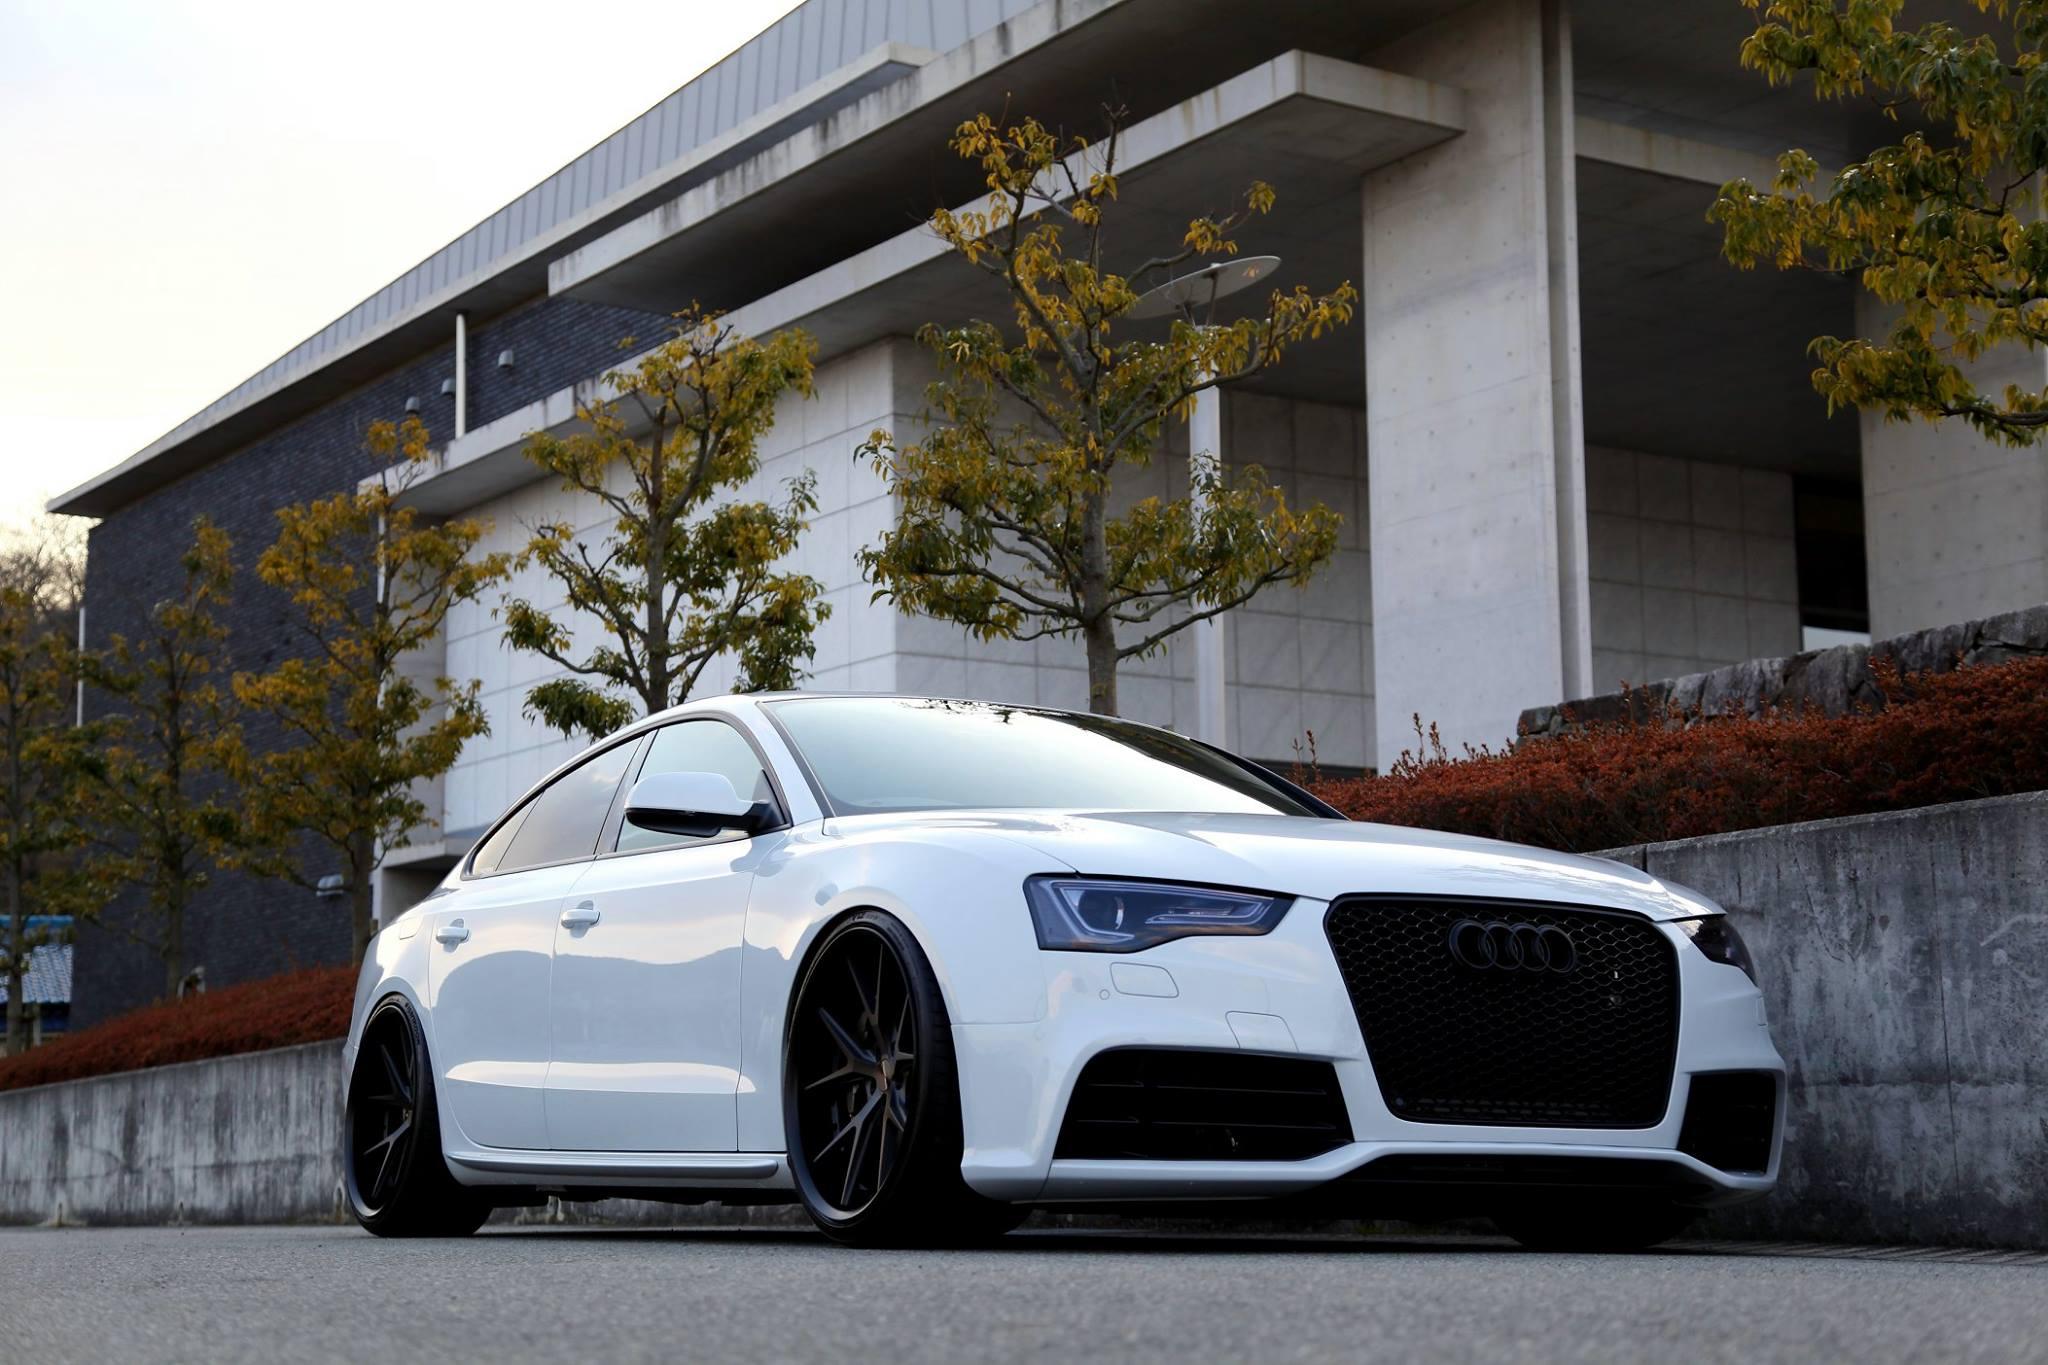 Audi A5/B8.5 2.0TQ SB